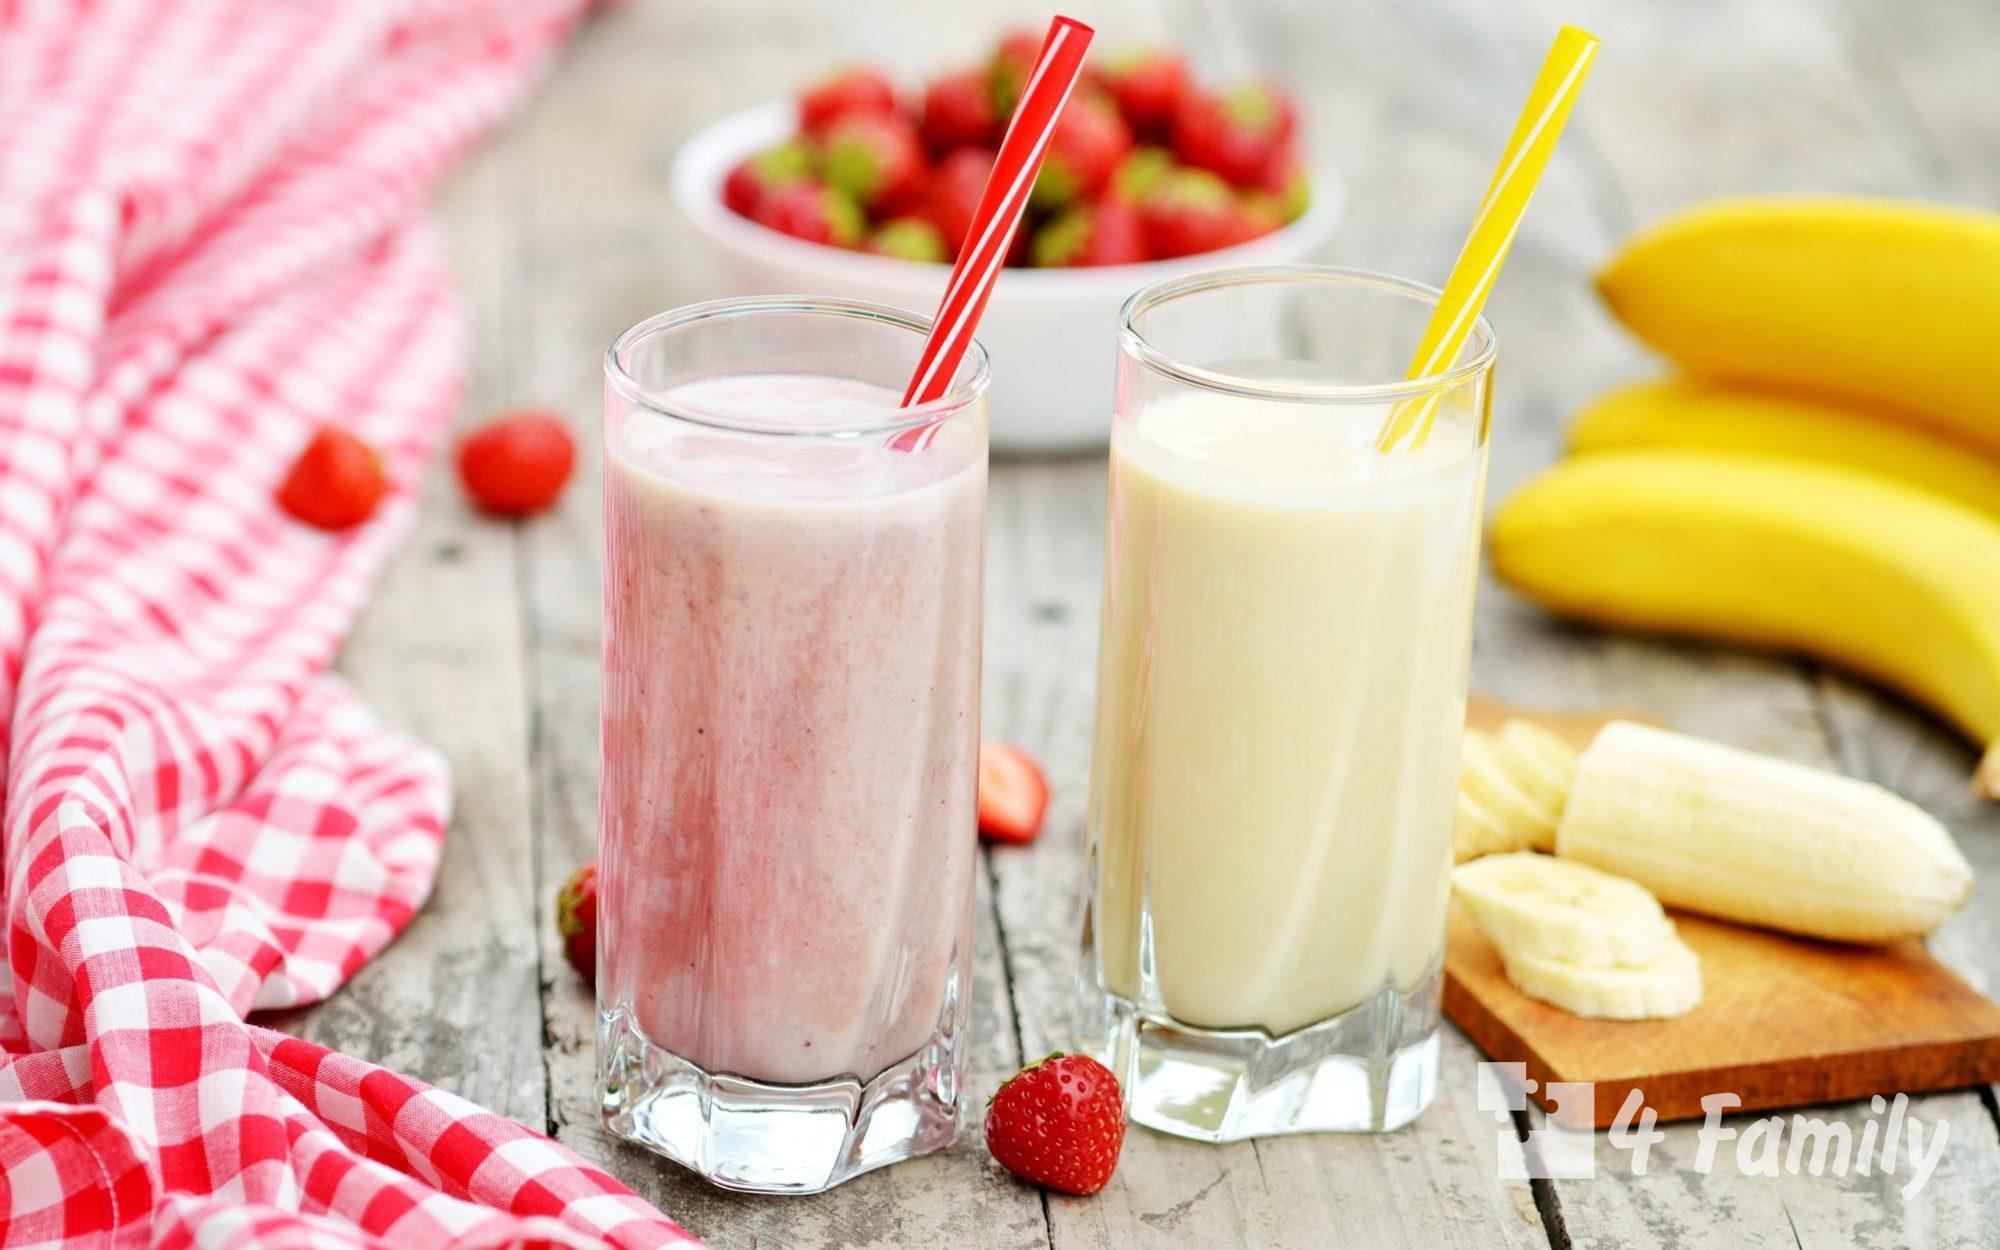 4family Как приготовить молочный коктейль в домашних условиях